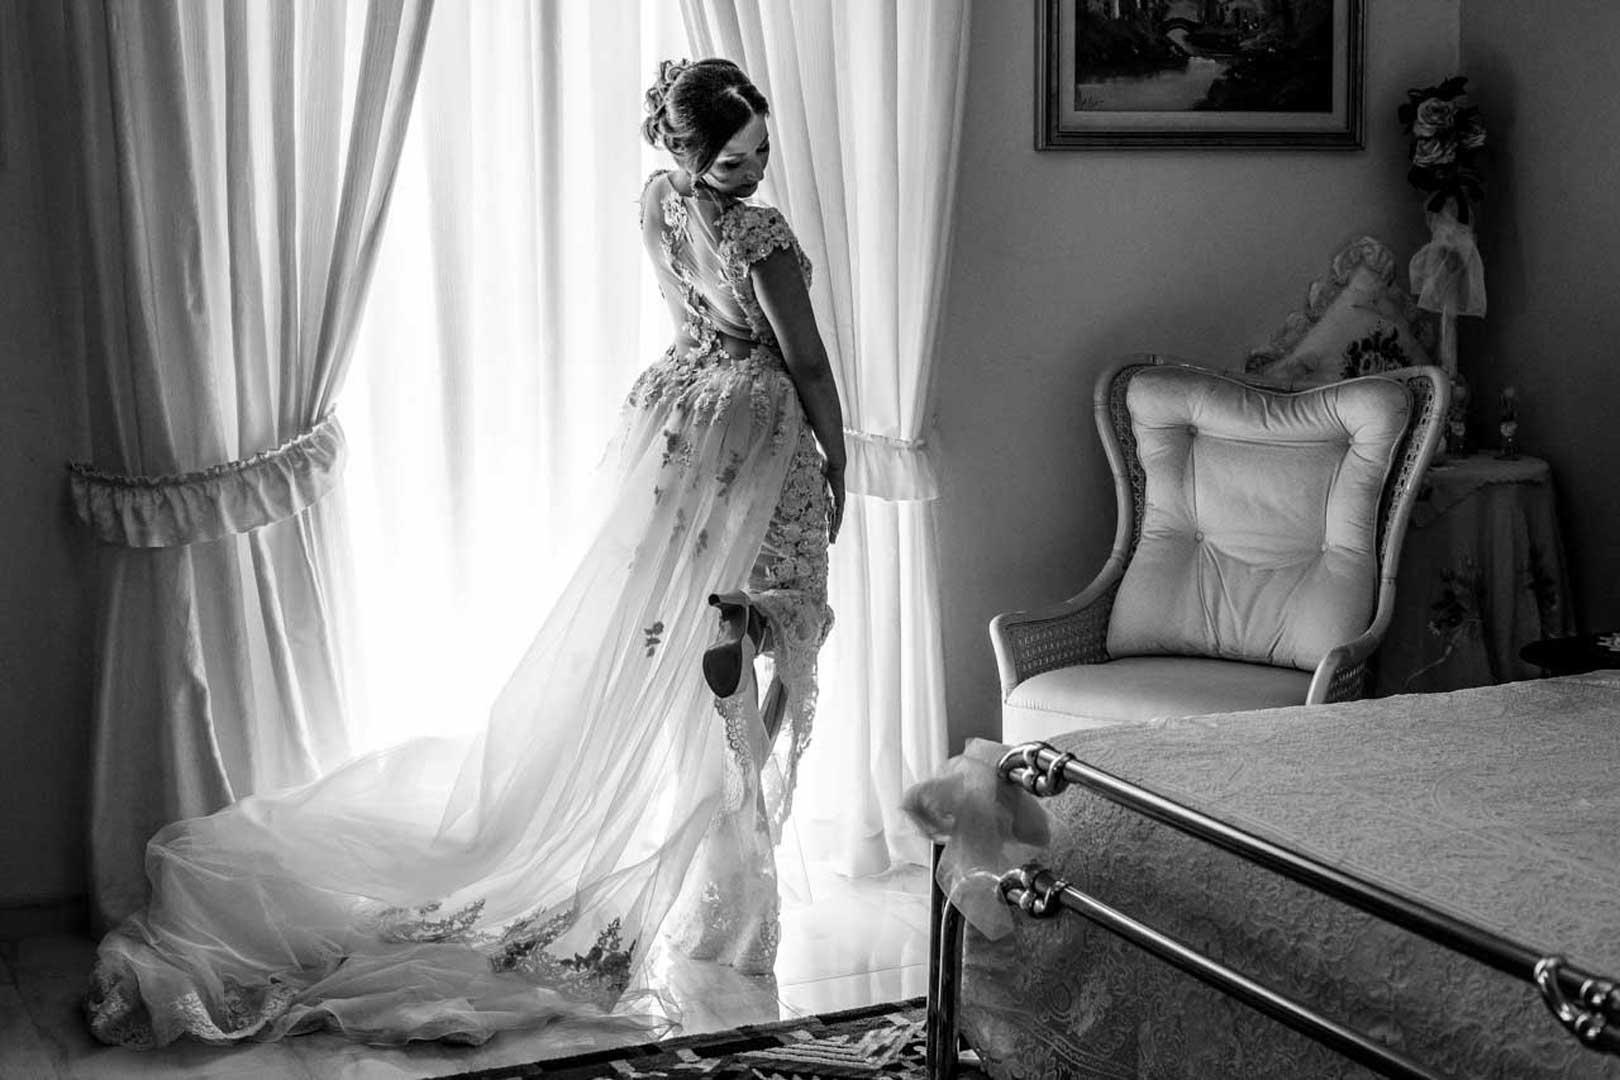 012-sposa-gianni-lepore-fotografo-matrimonio-italia